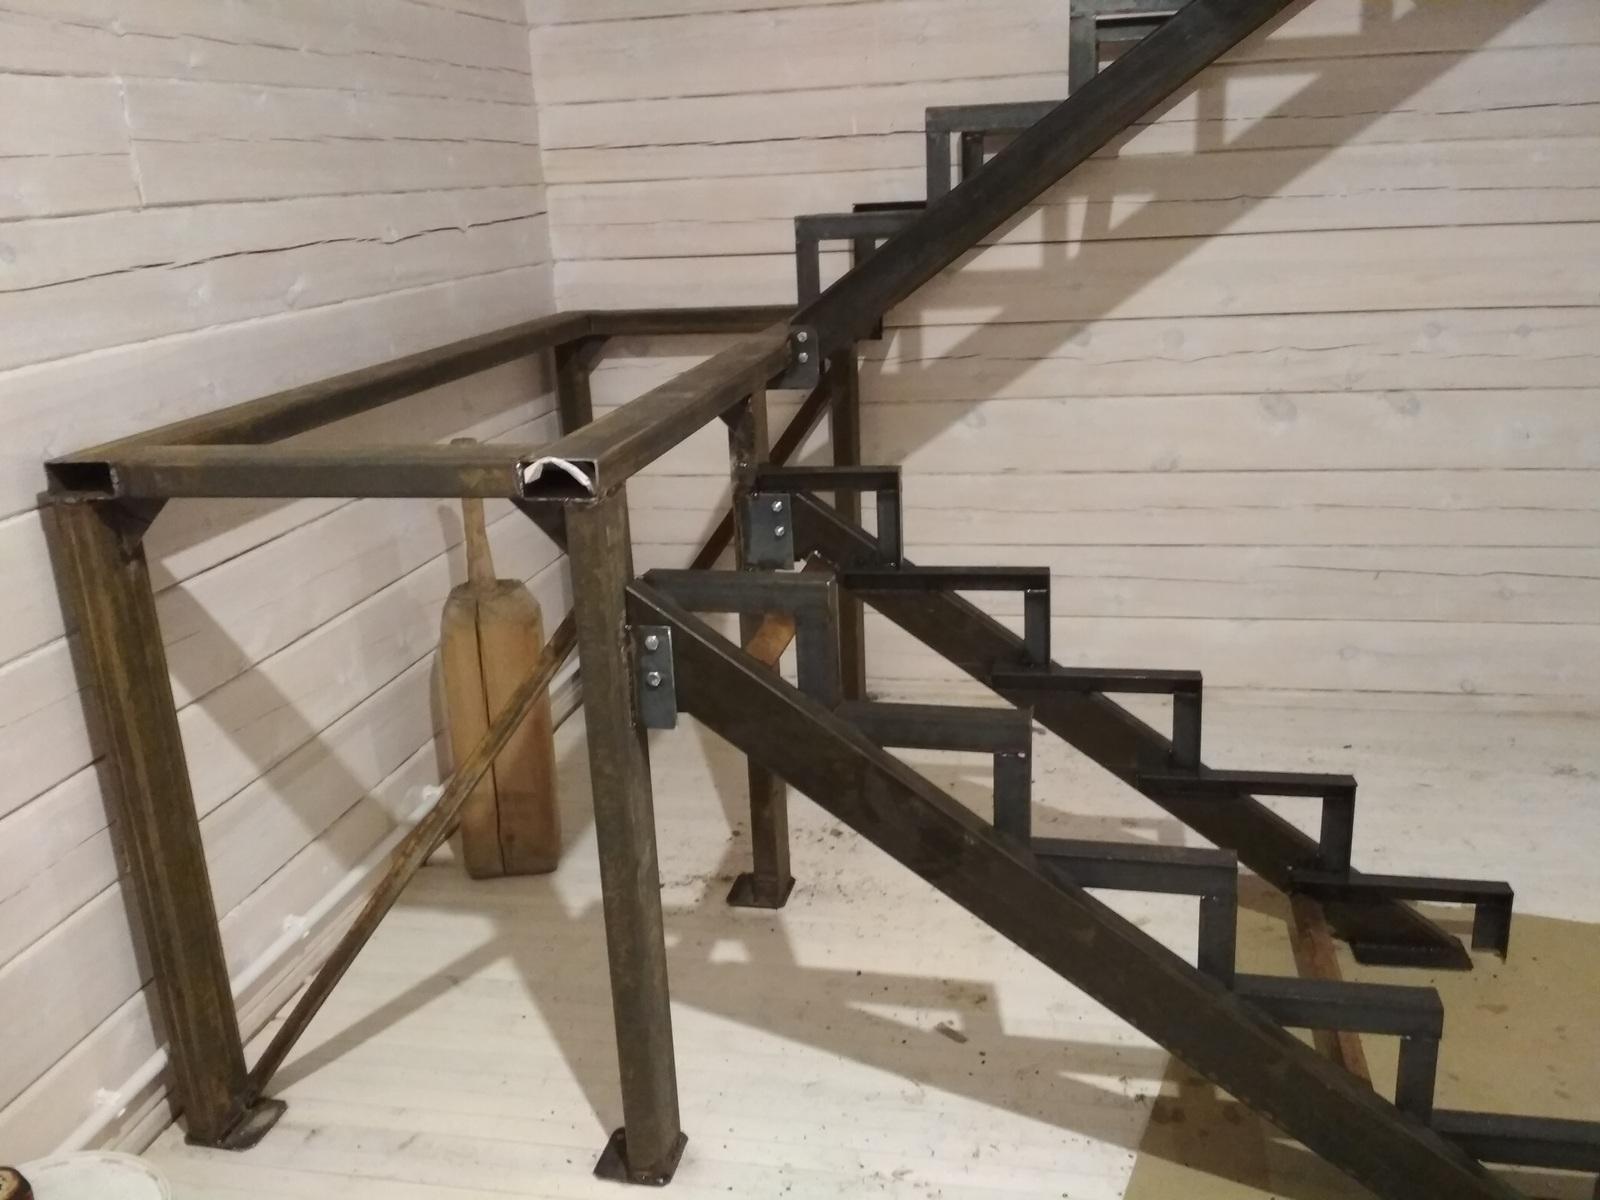 Фото изготовления монтажа лестницы